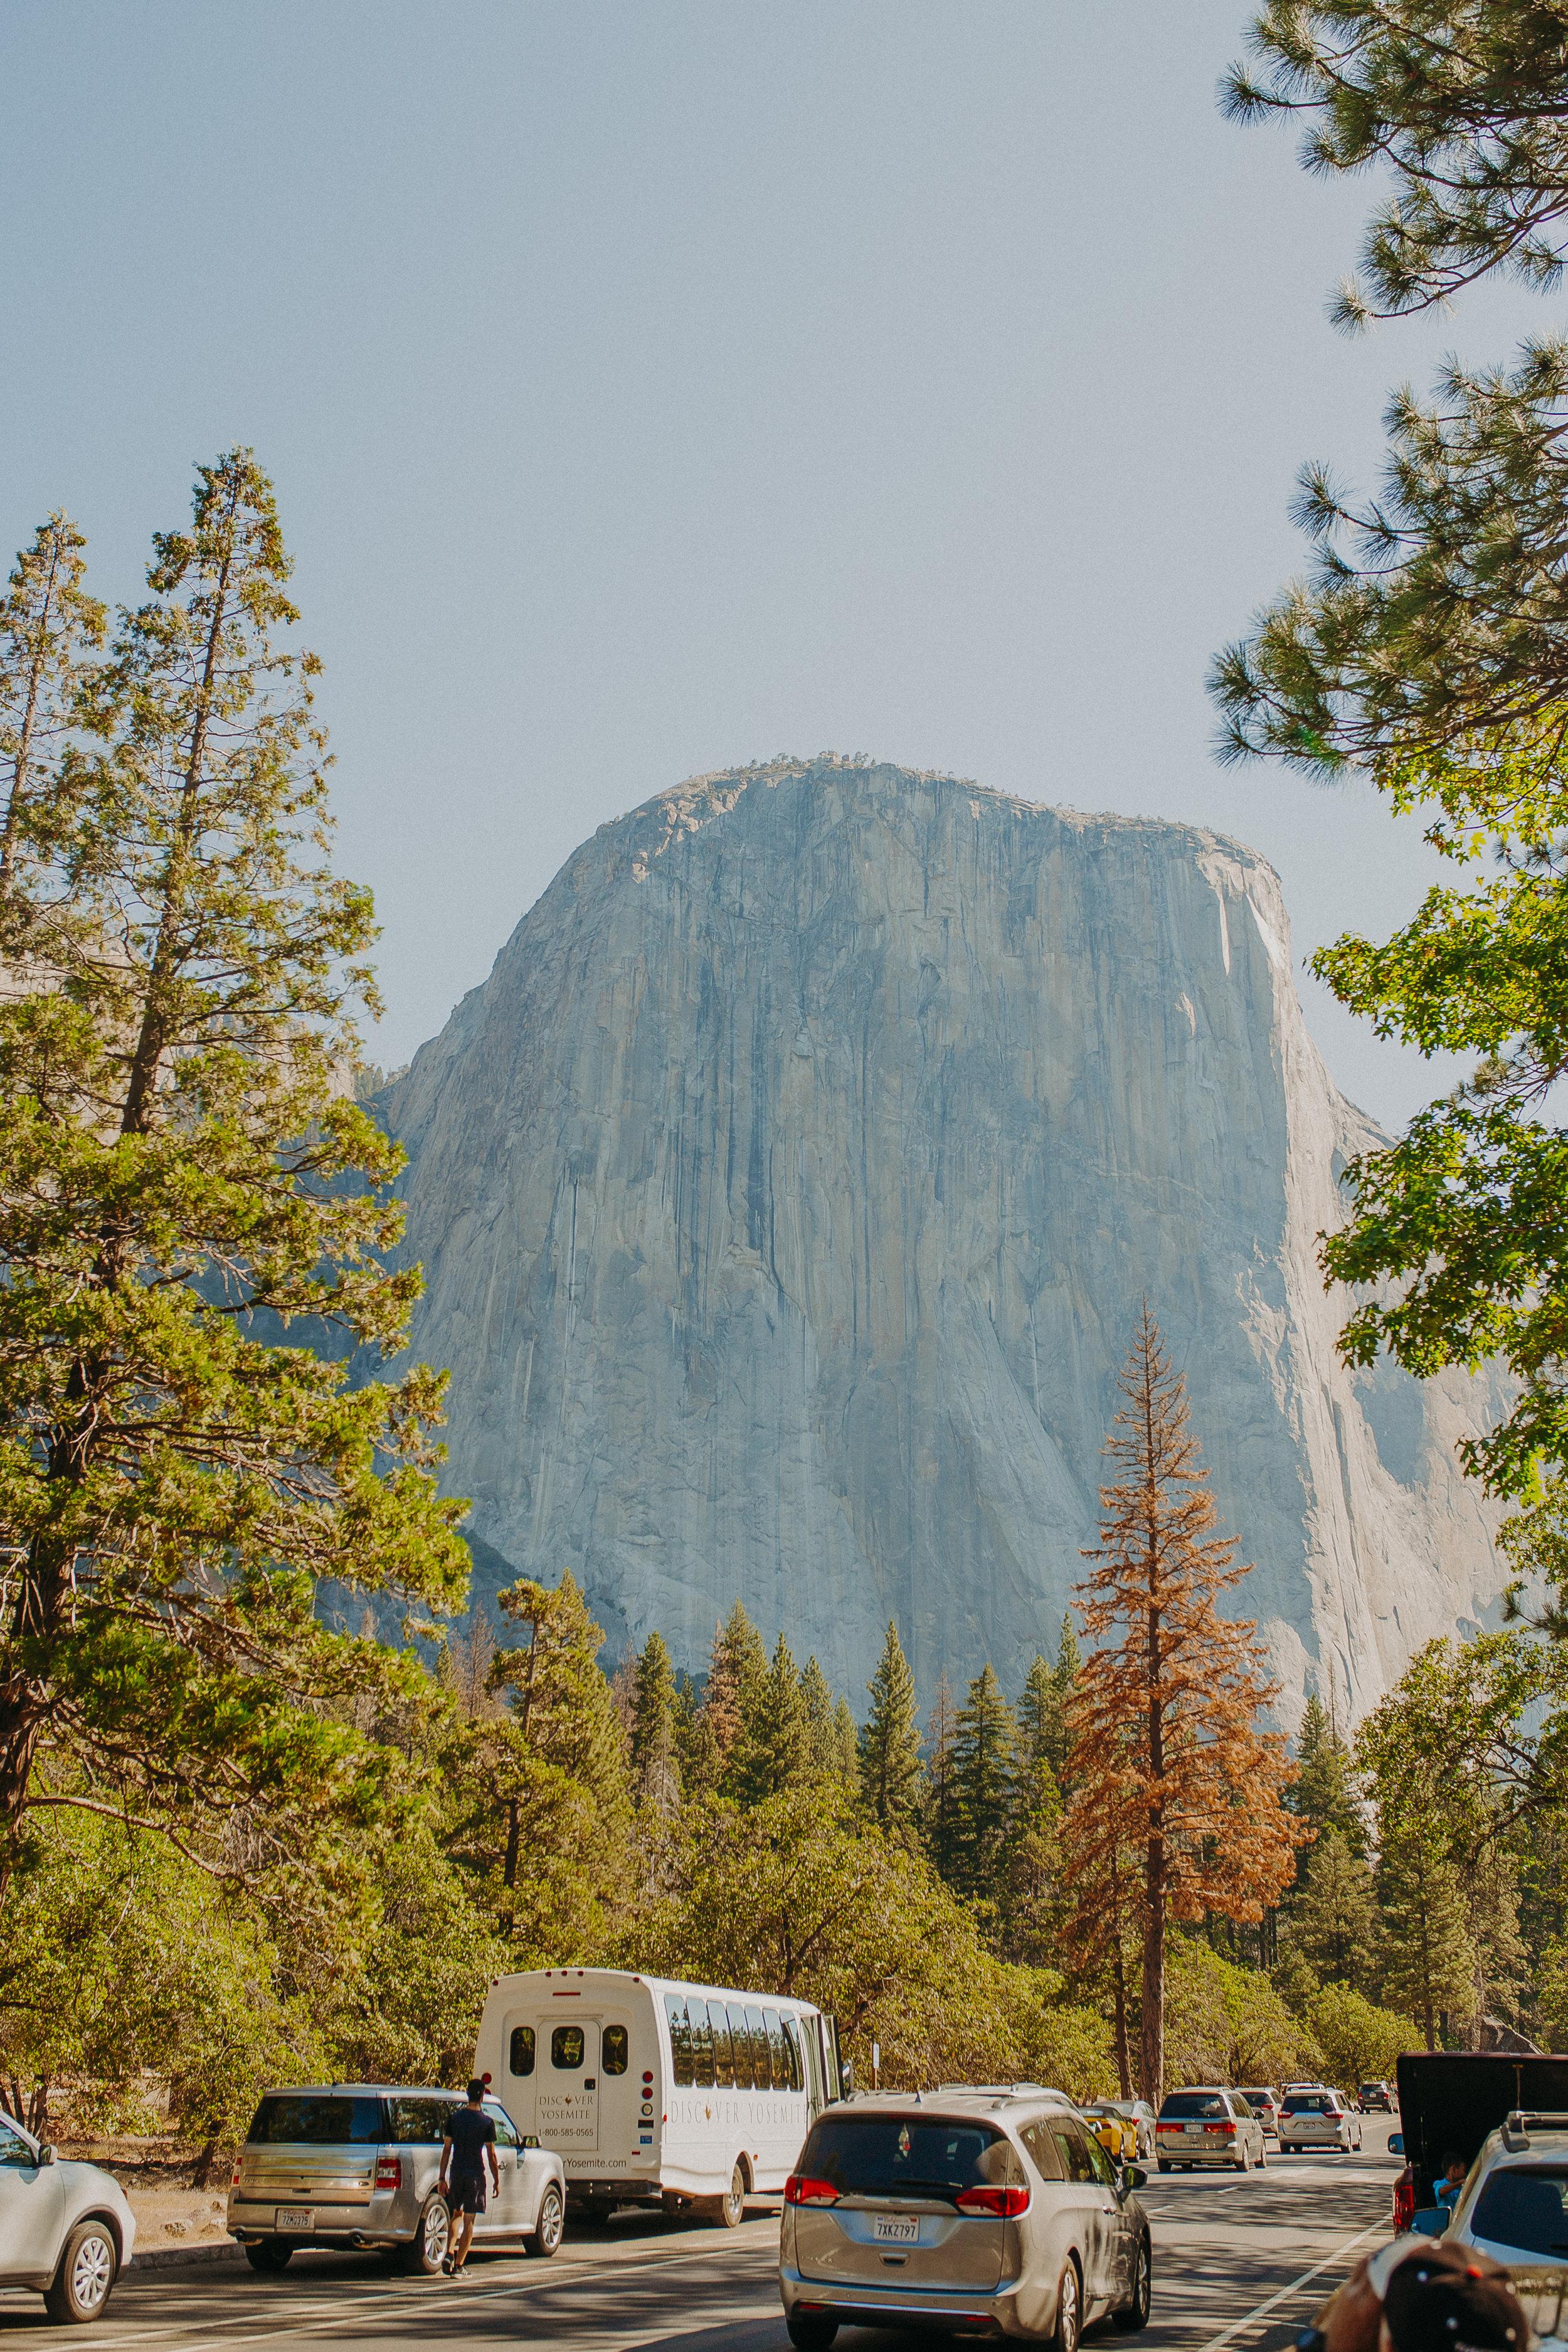 Visit-Yosemite-National-Park-Pictures-California-2.jpg